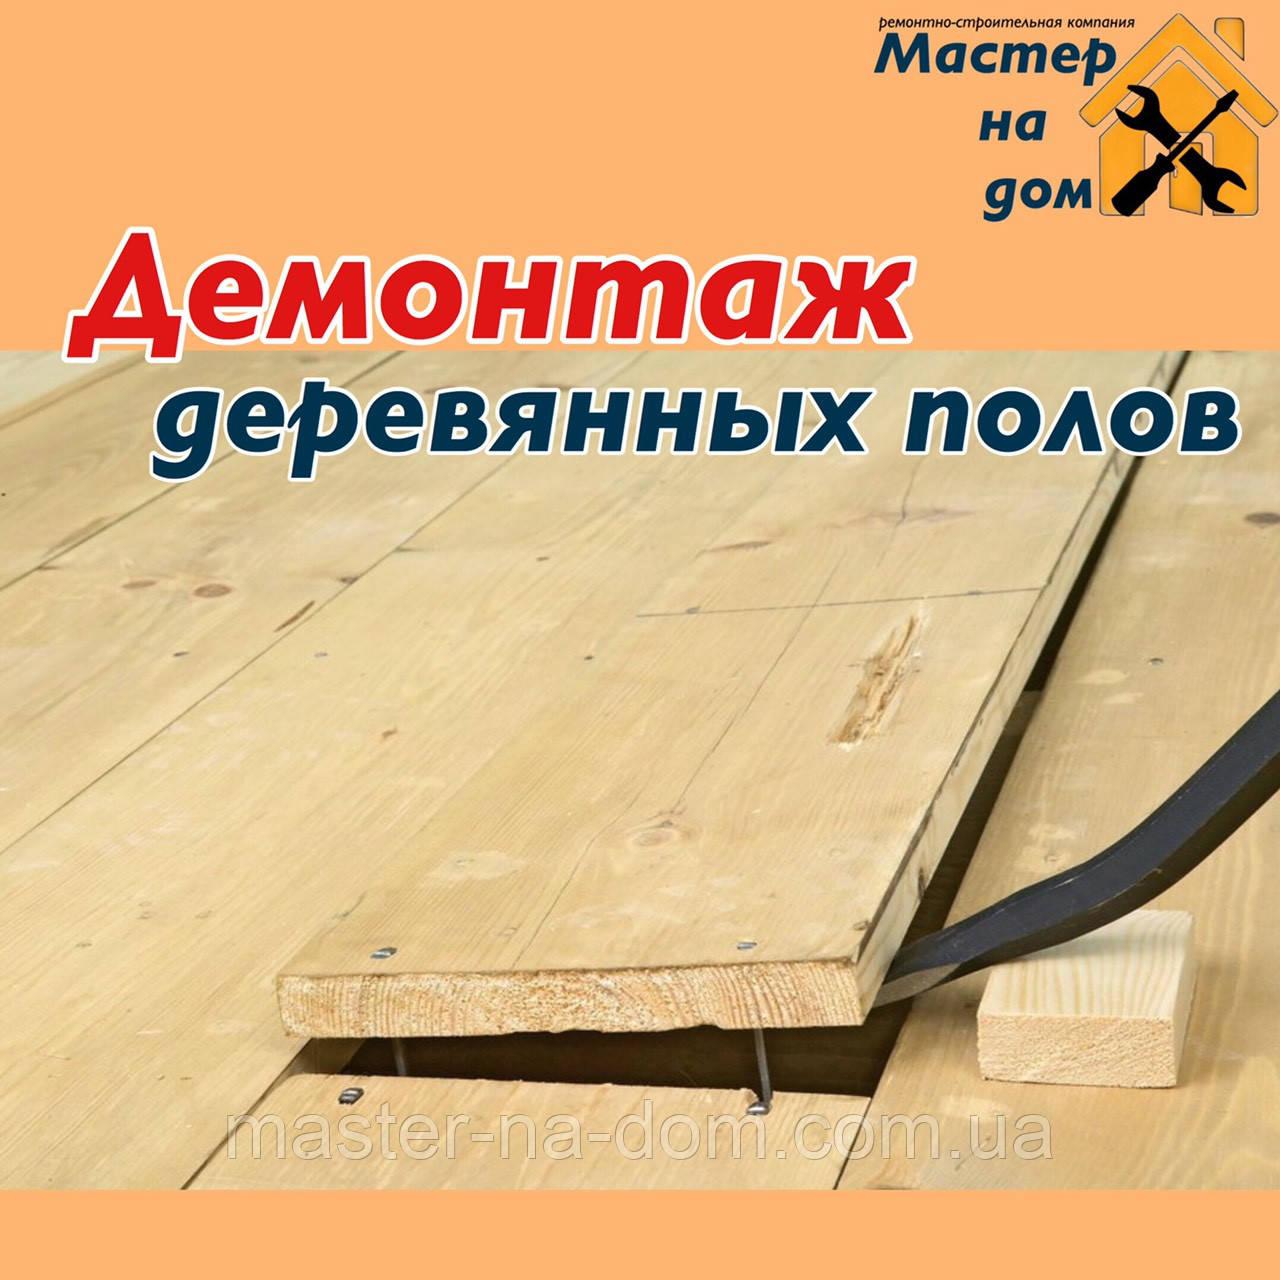 Демонтаж деревянных,паркетных полов в Кропивницком